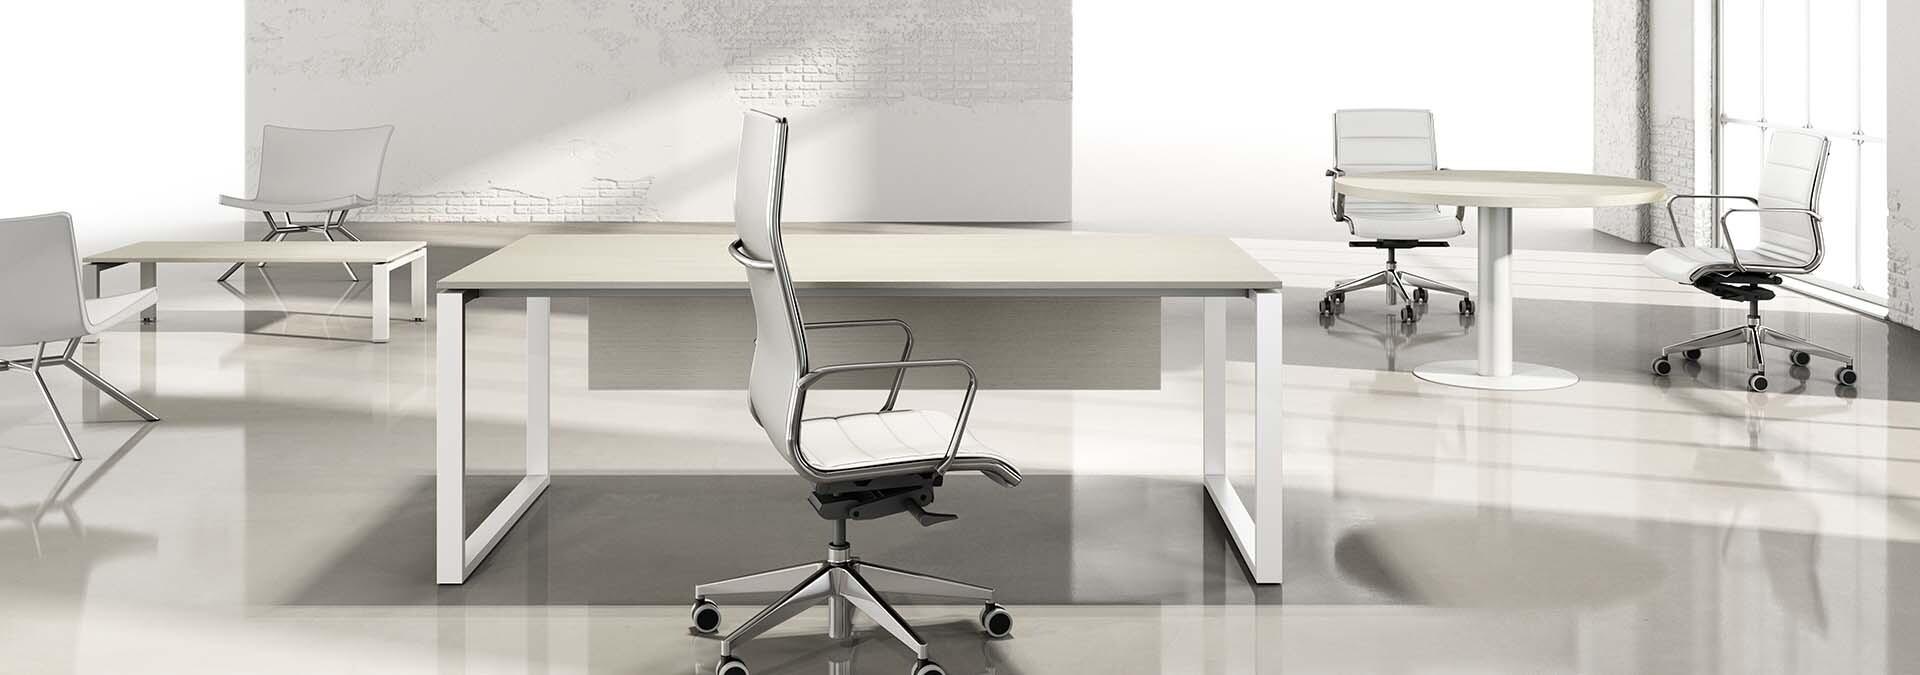 sedicinonis2-operative-desk-oval-meeting-table-tea-table.jpg